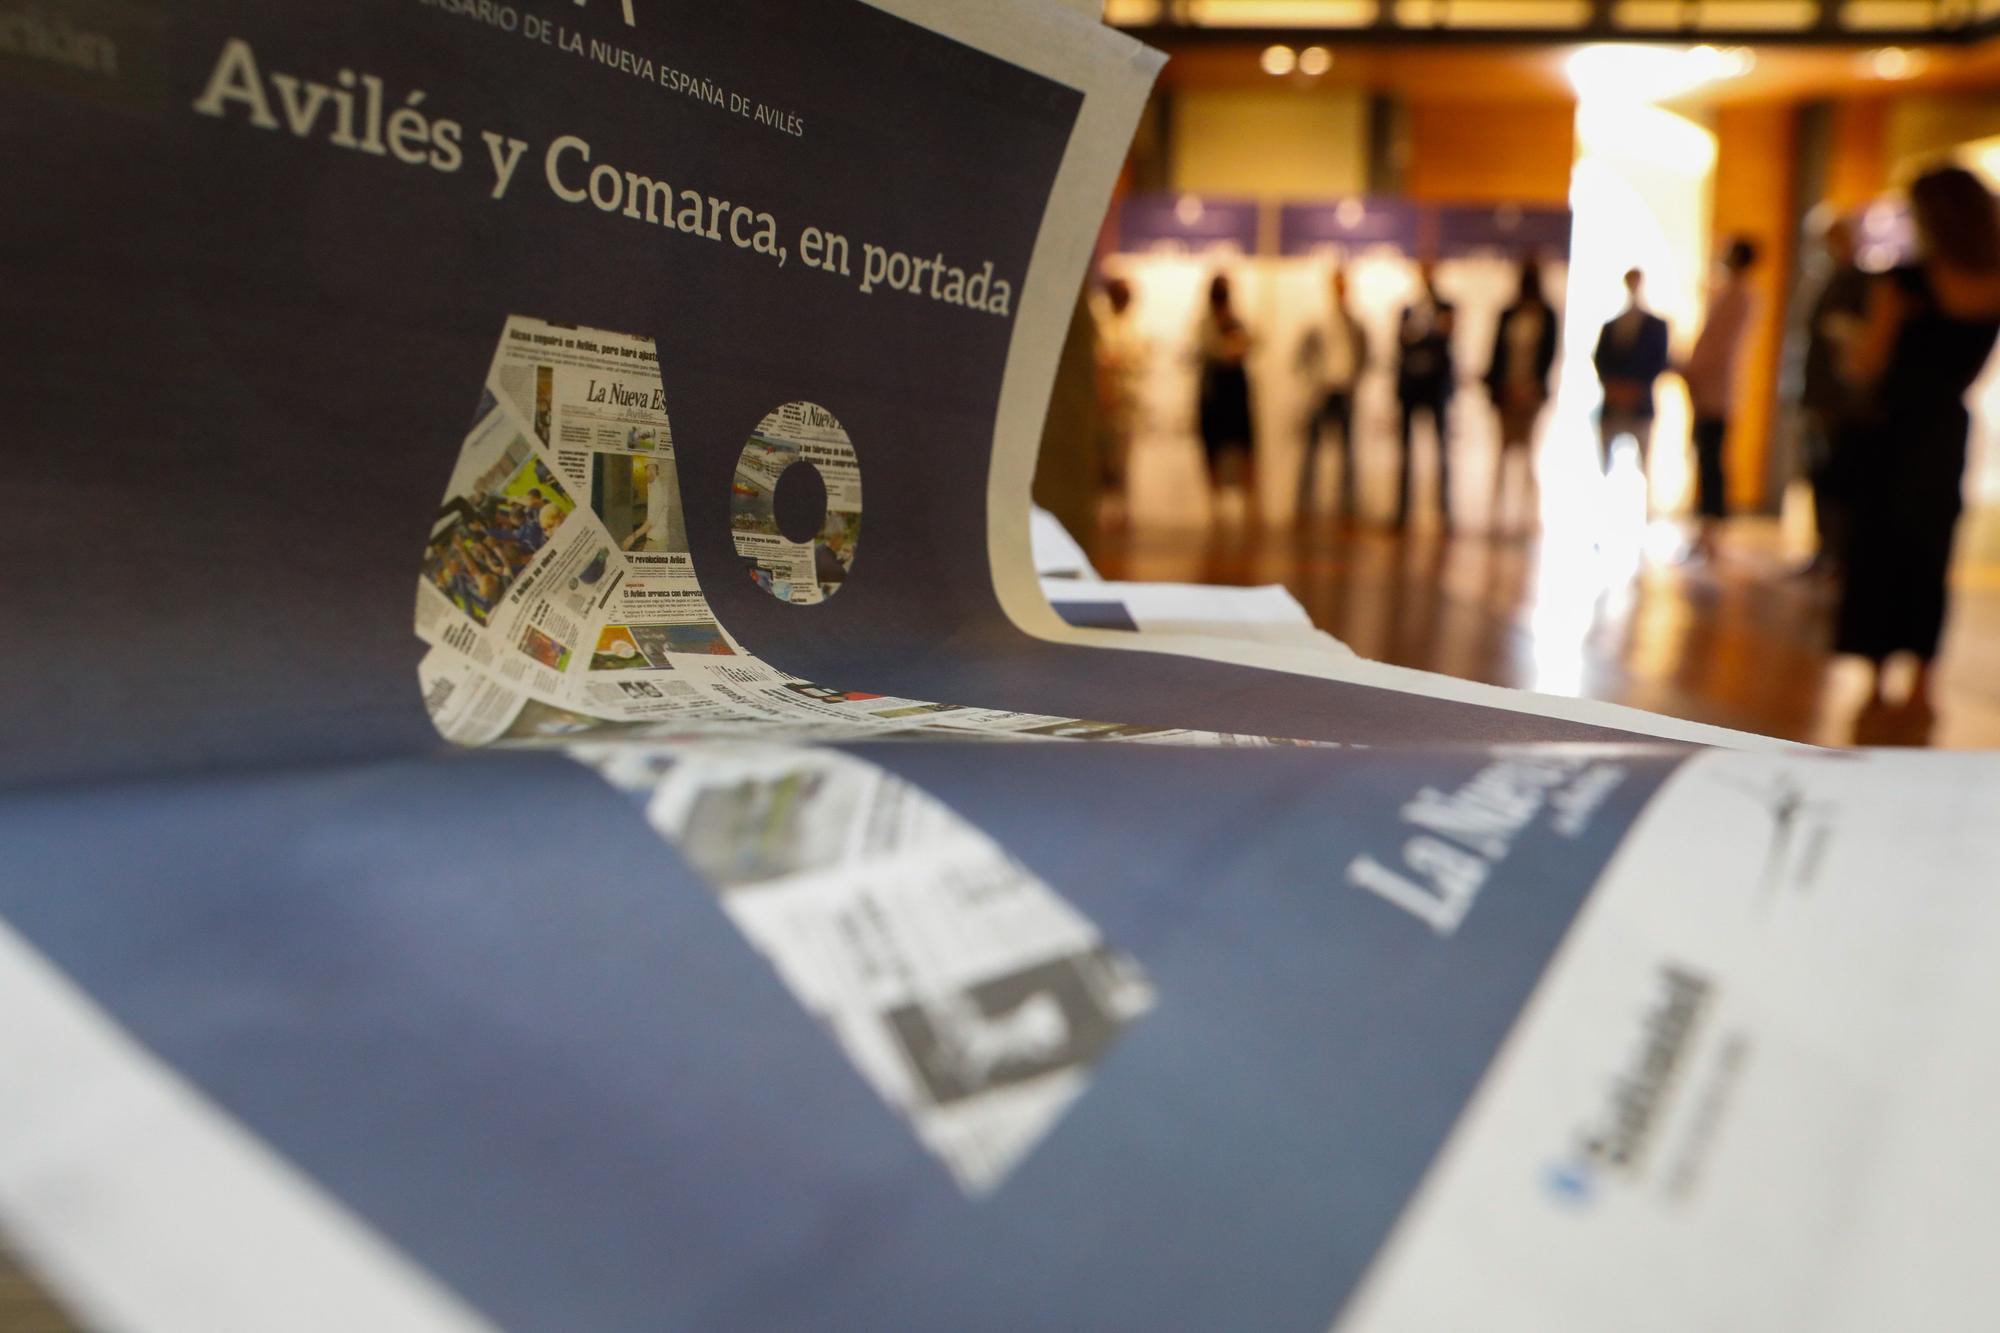 Exposición 30.º aniversario LA NUEVA ESPAÑA de Avilés y Comarca